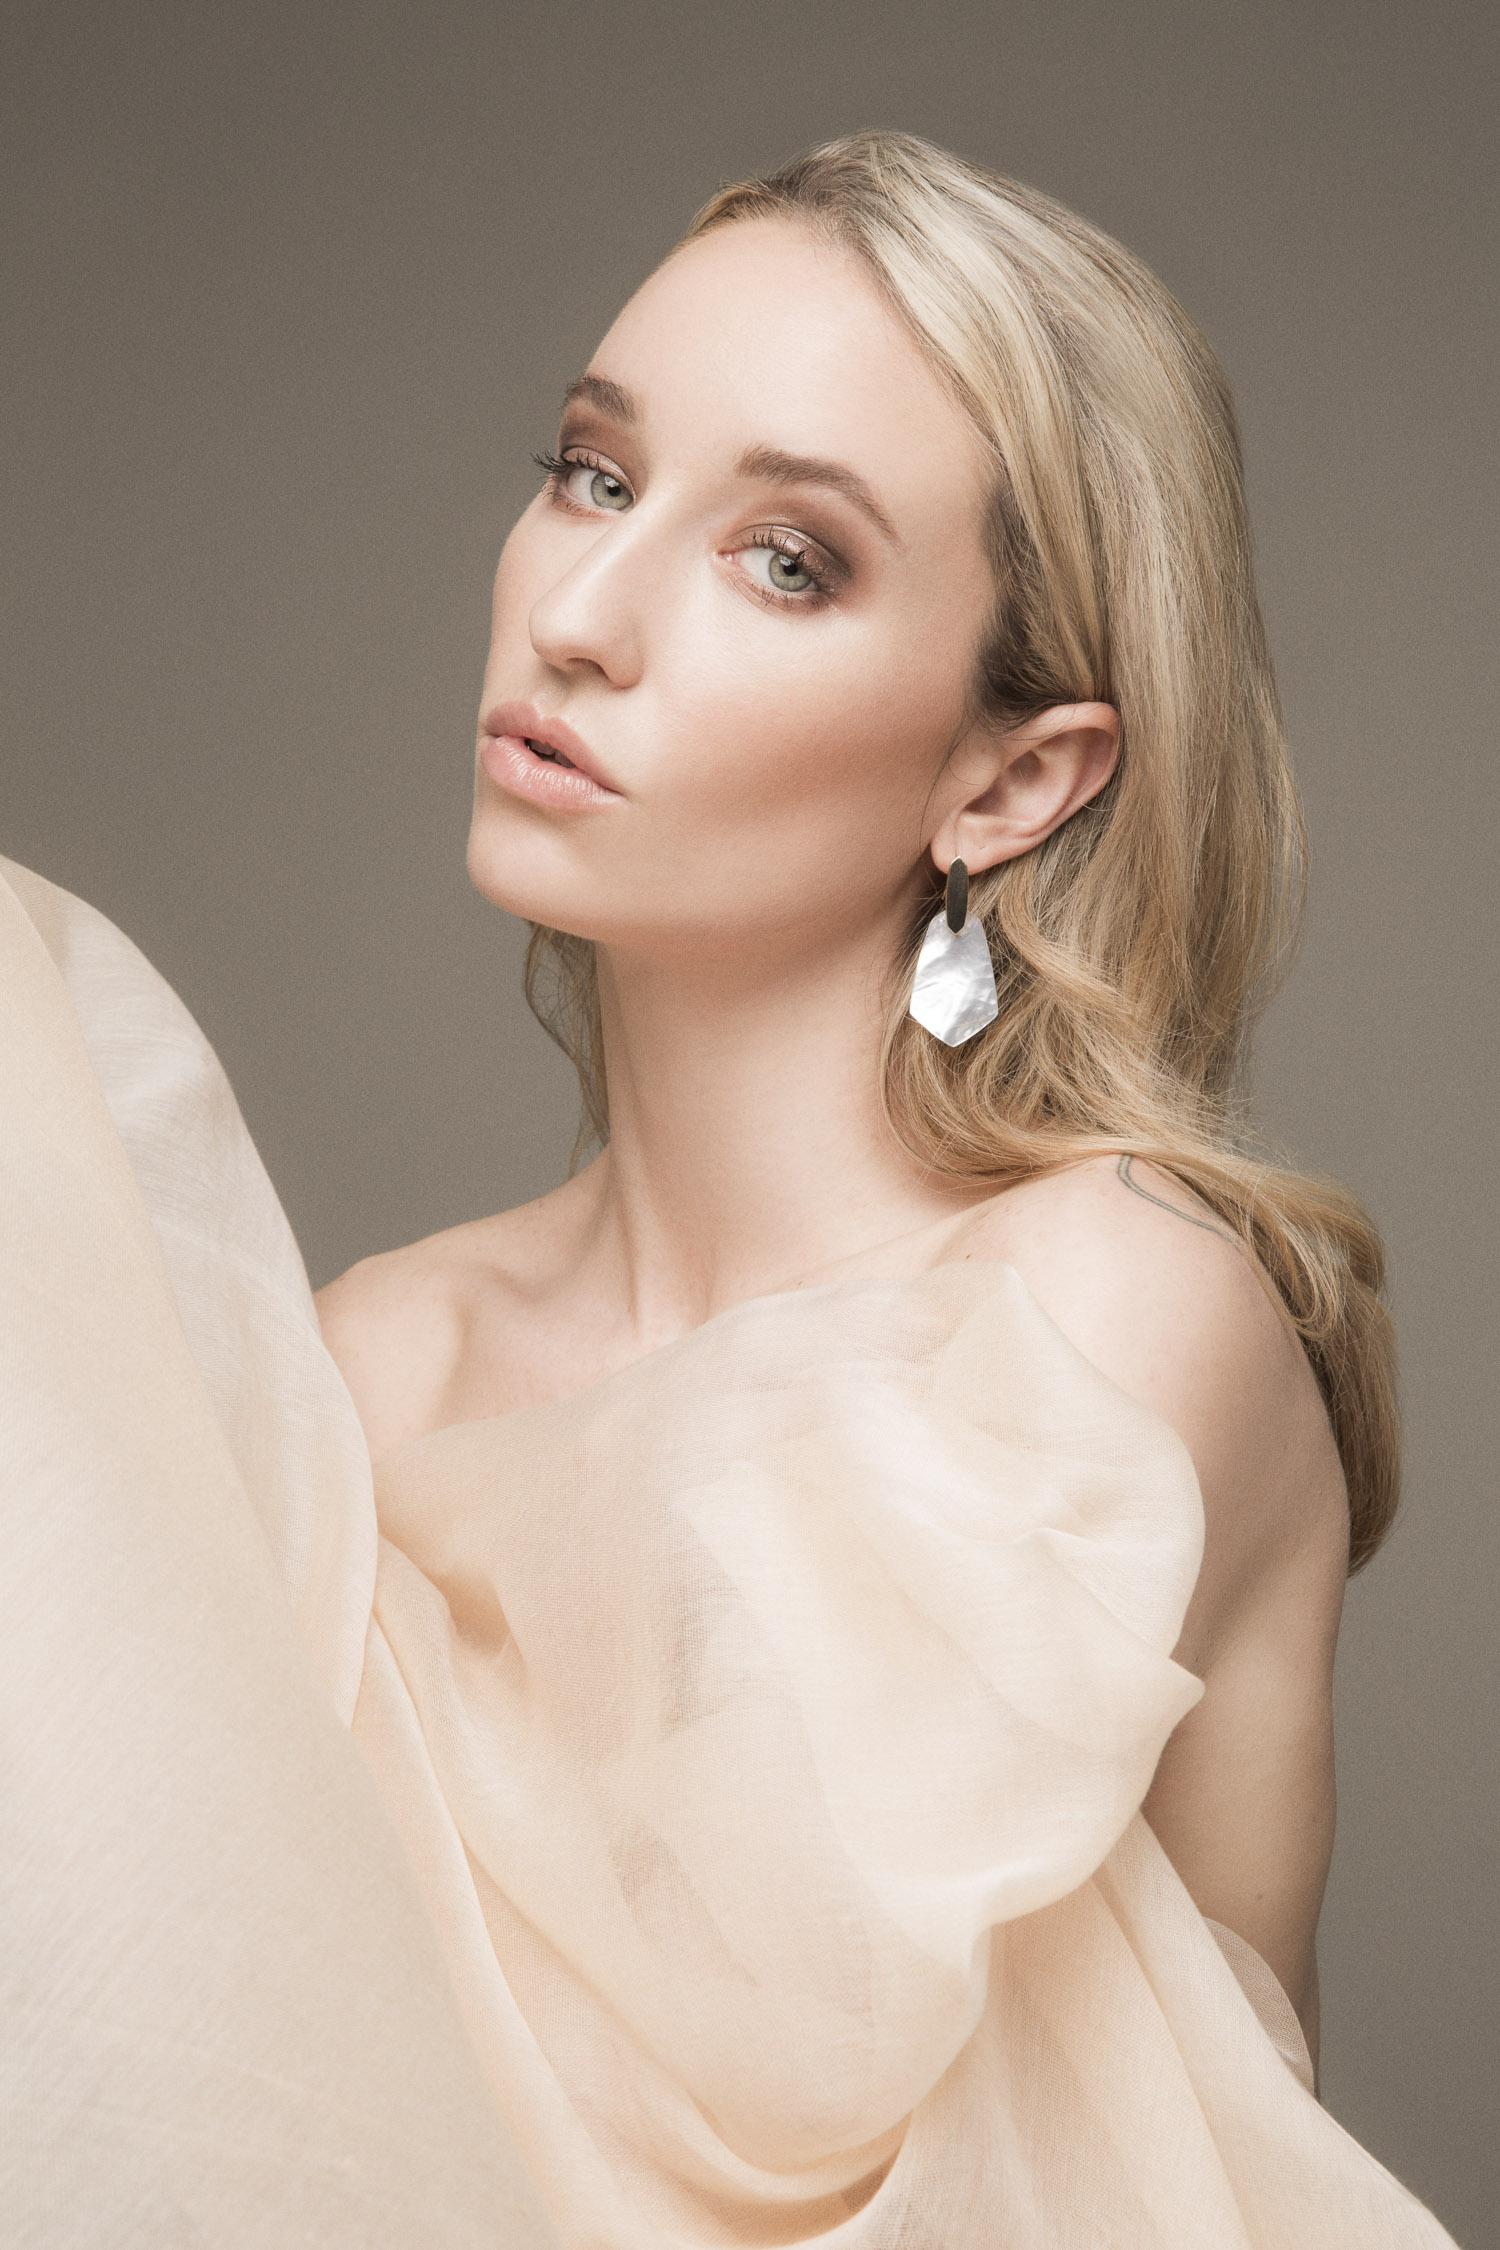 Beauty portrait of a blonde woman wearing Kendra Scott earrings